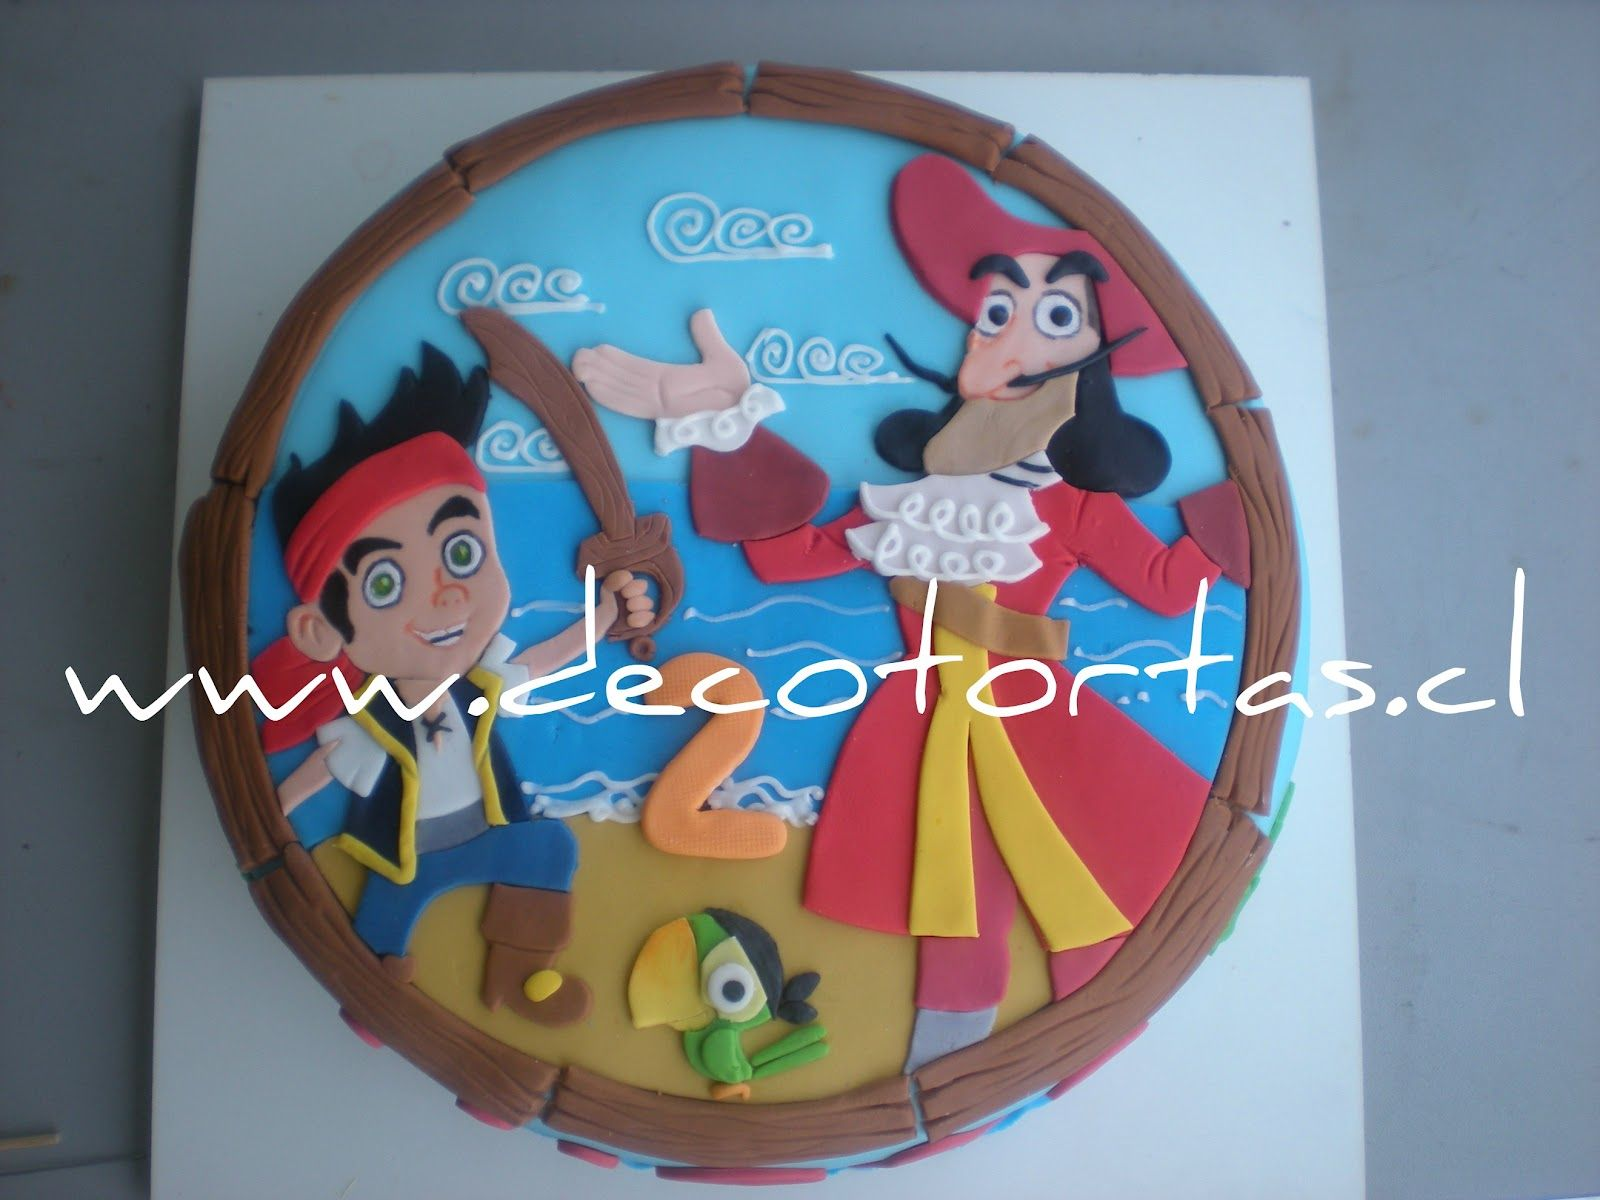 Decoraci n jake y los piratas de nunca jam s pictures to pin on - Decotortas Jake Y Los Piratas De Nunca Jam S